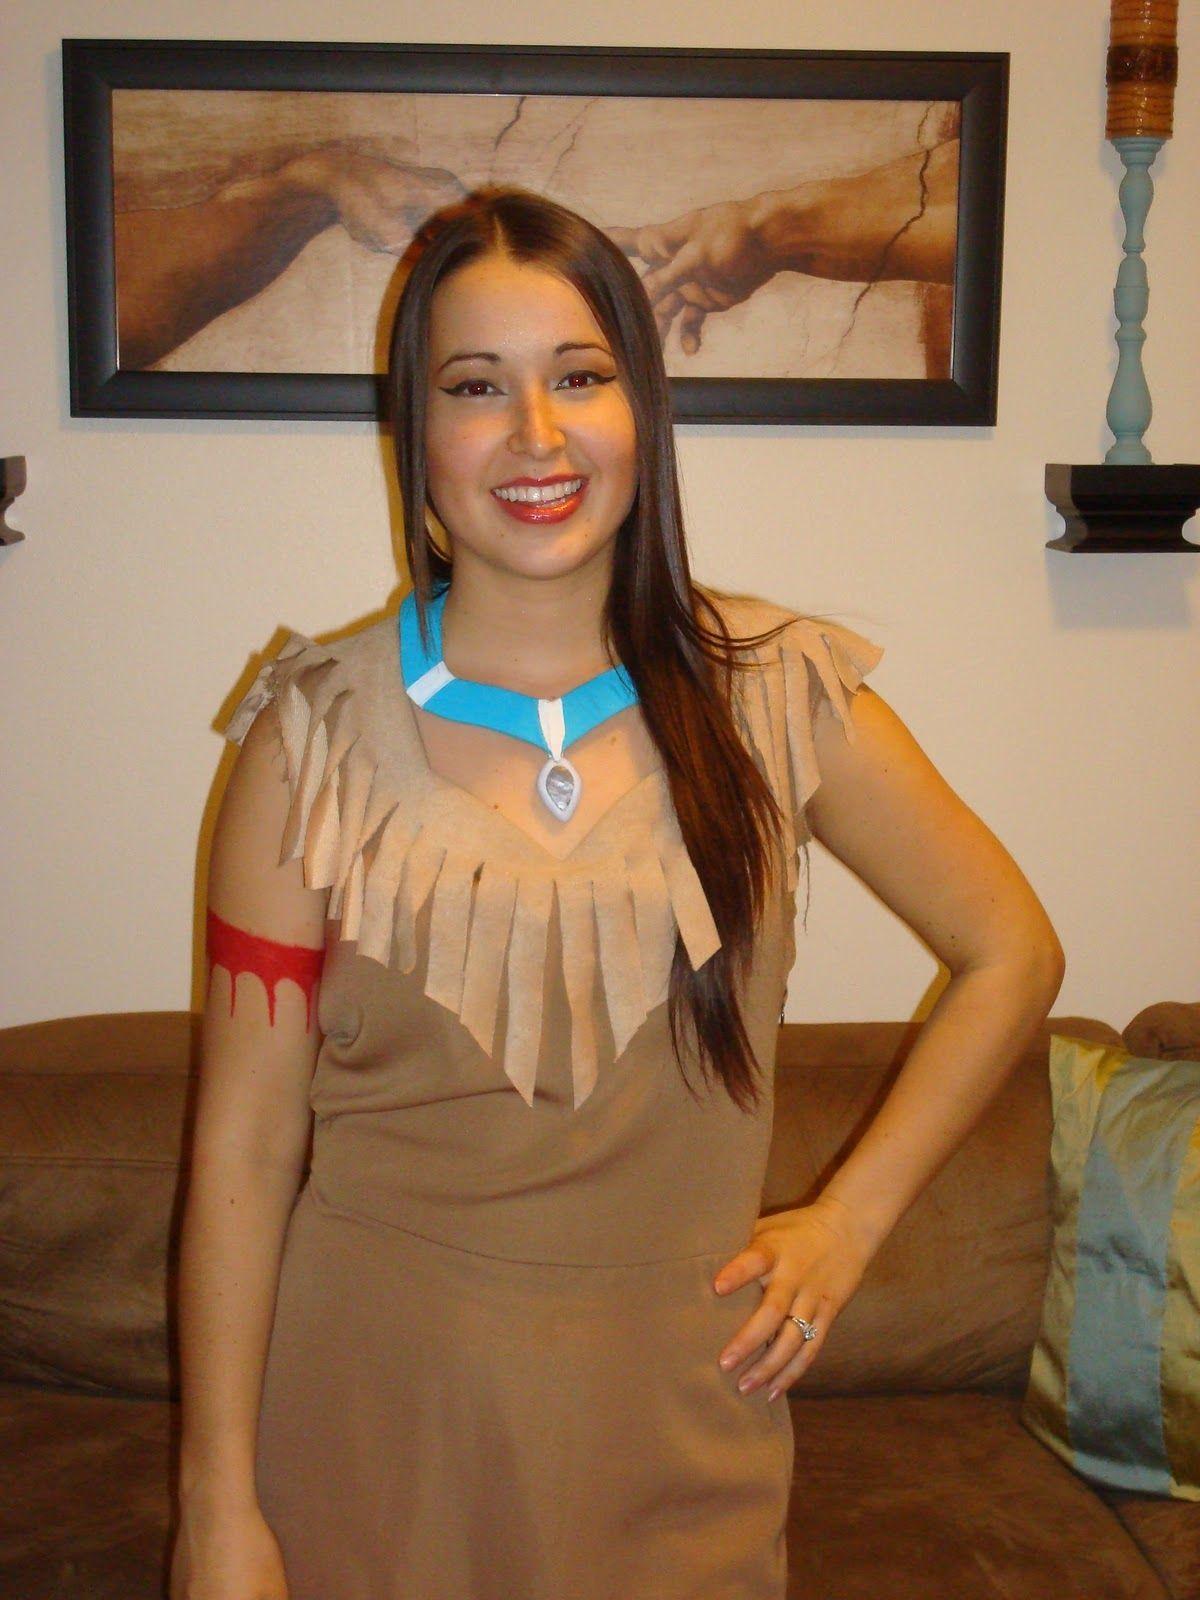 Diy Pocahontas Costume  My Full Costume Minus The -3140